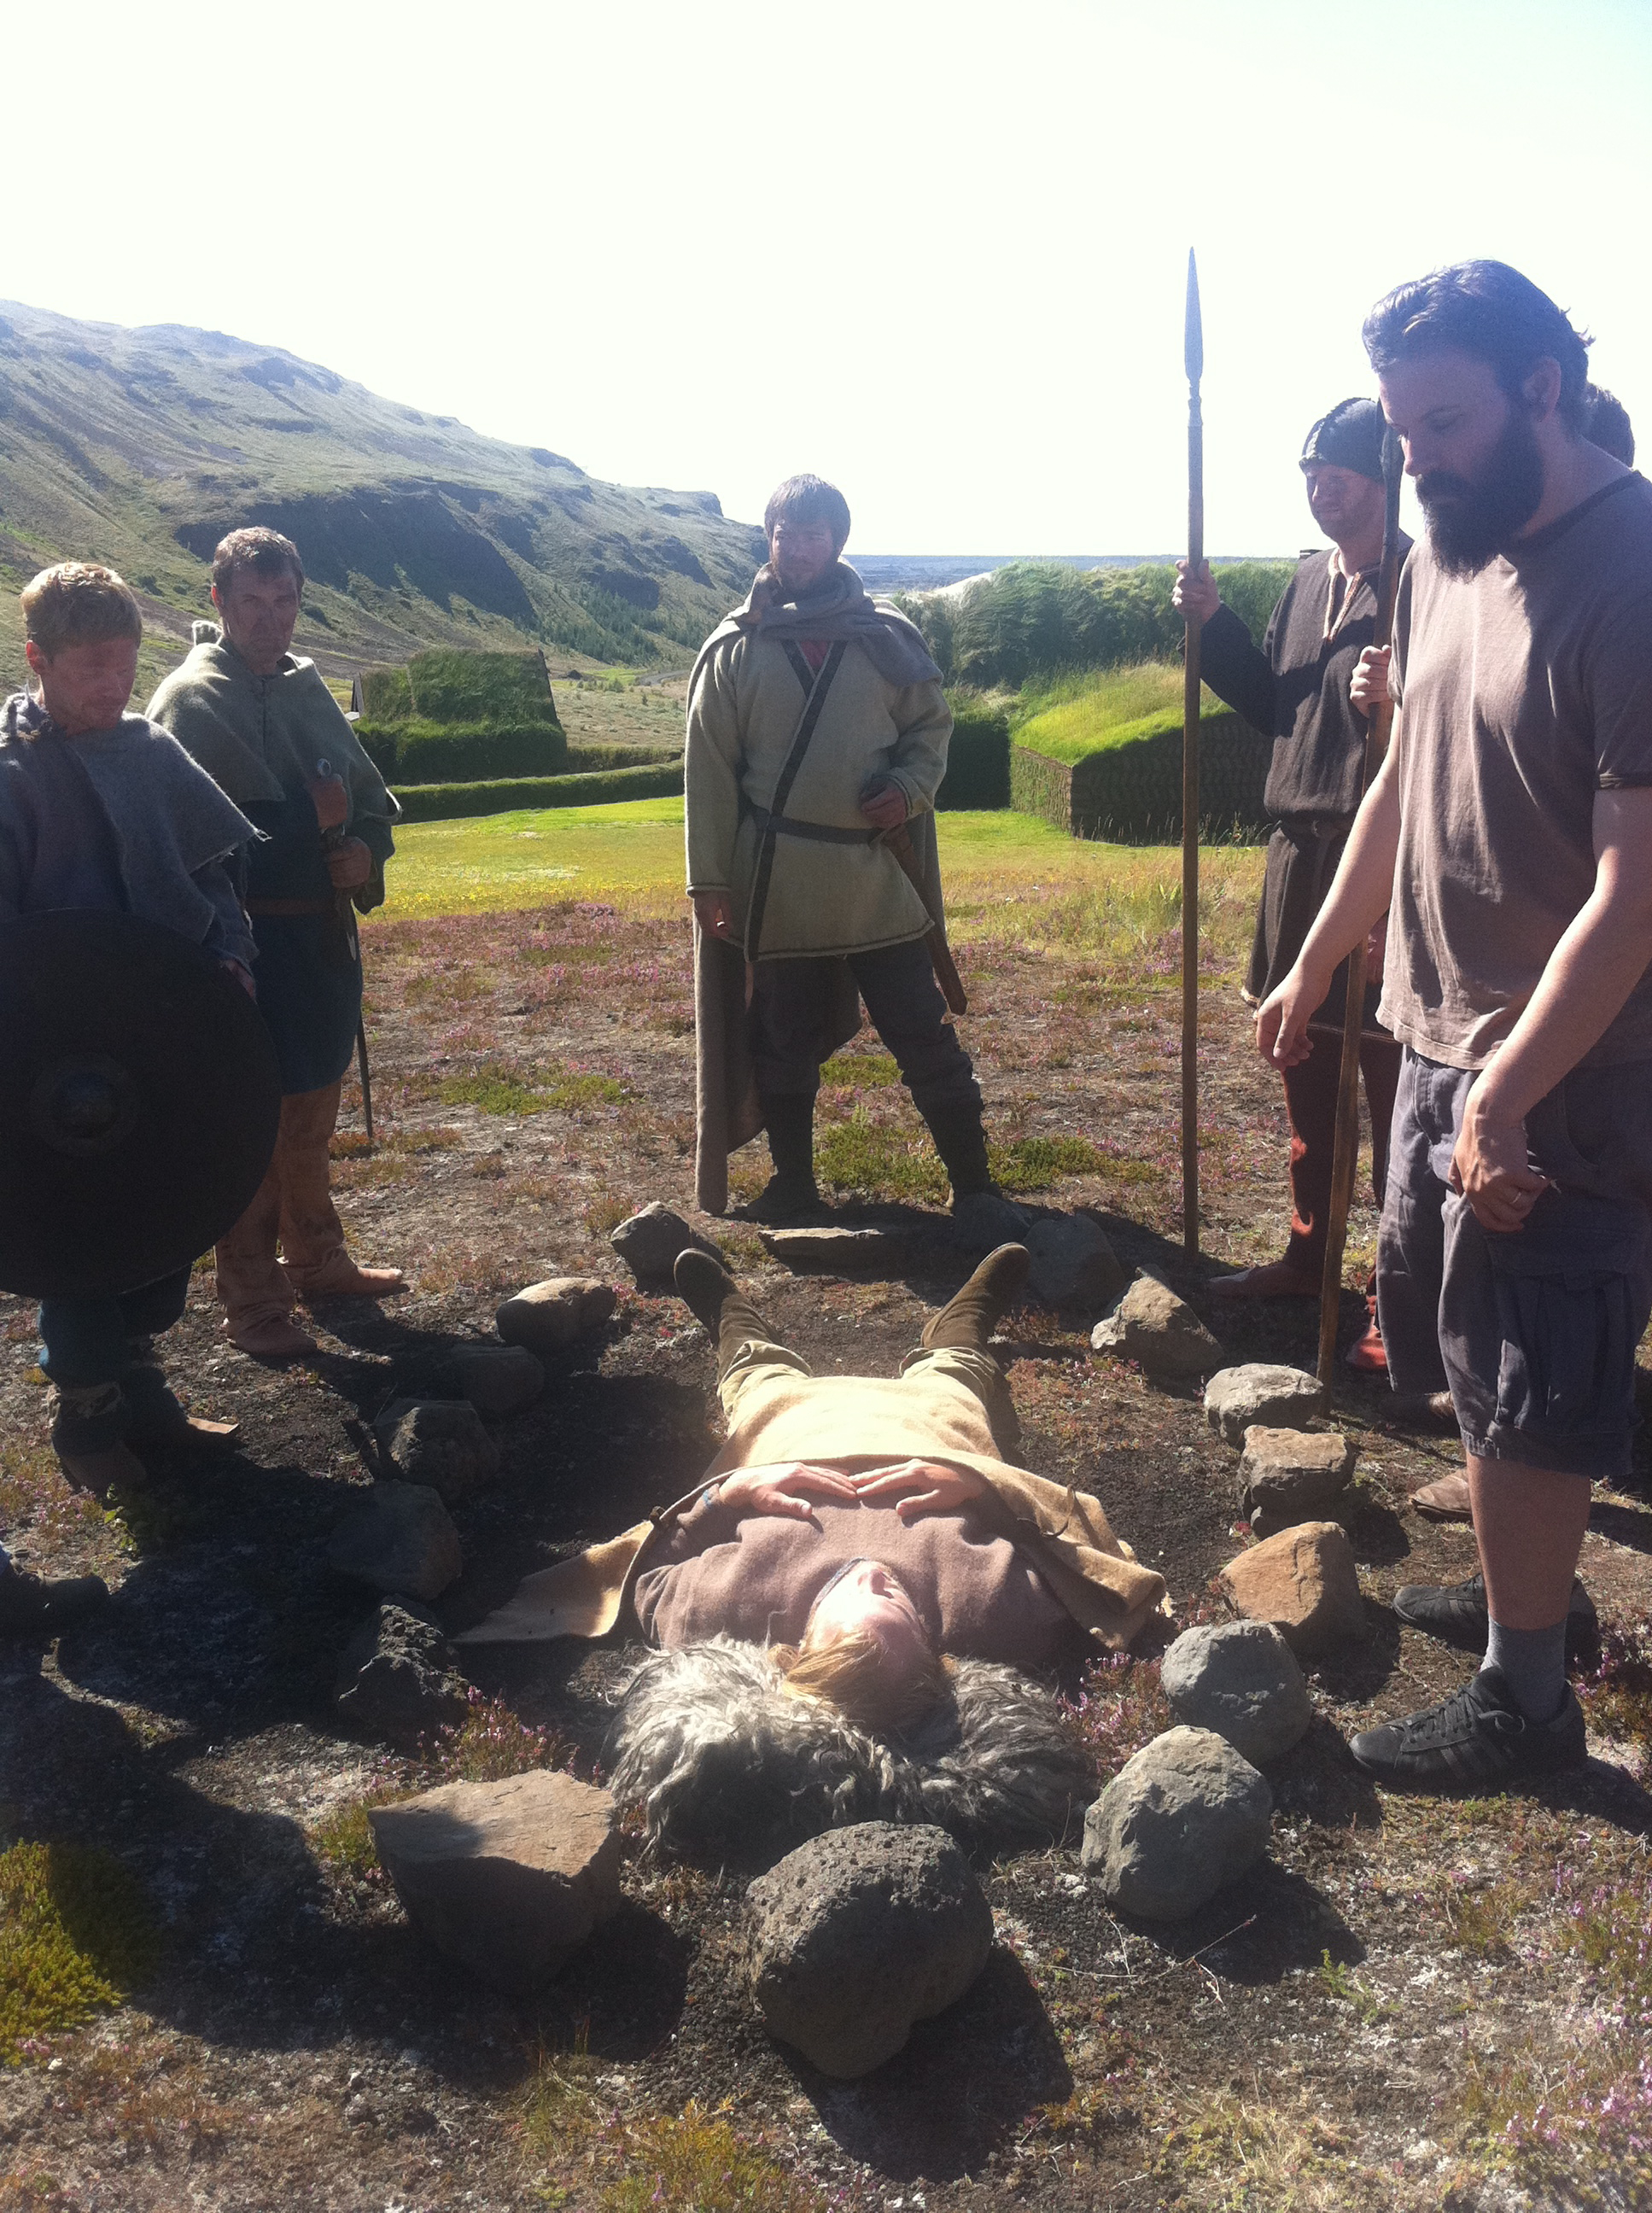 Raggi leikstjóri að fara yfir málin